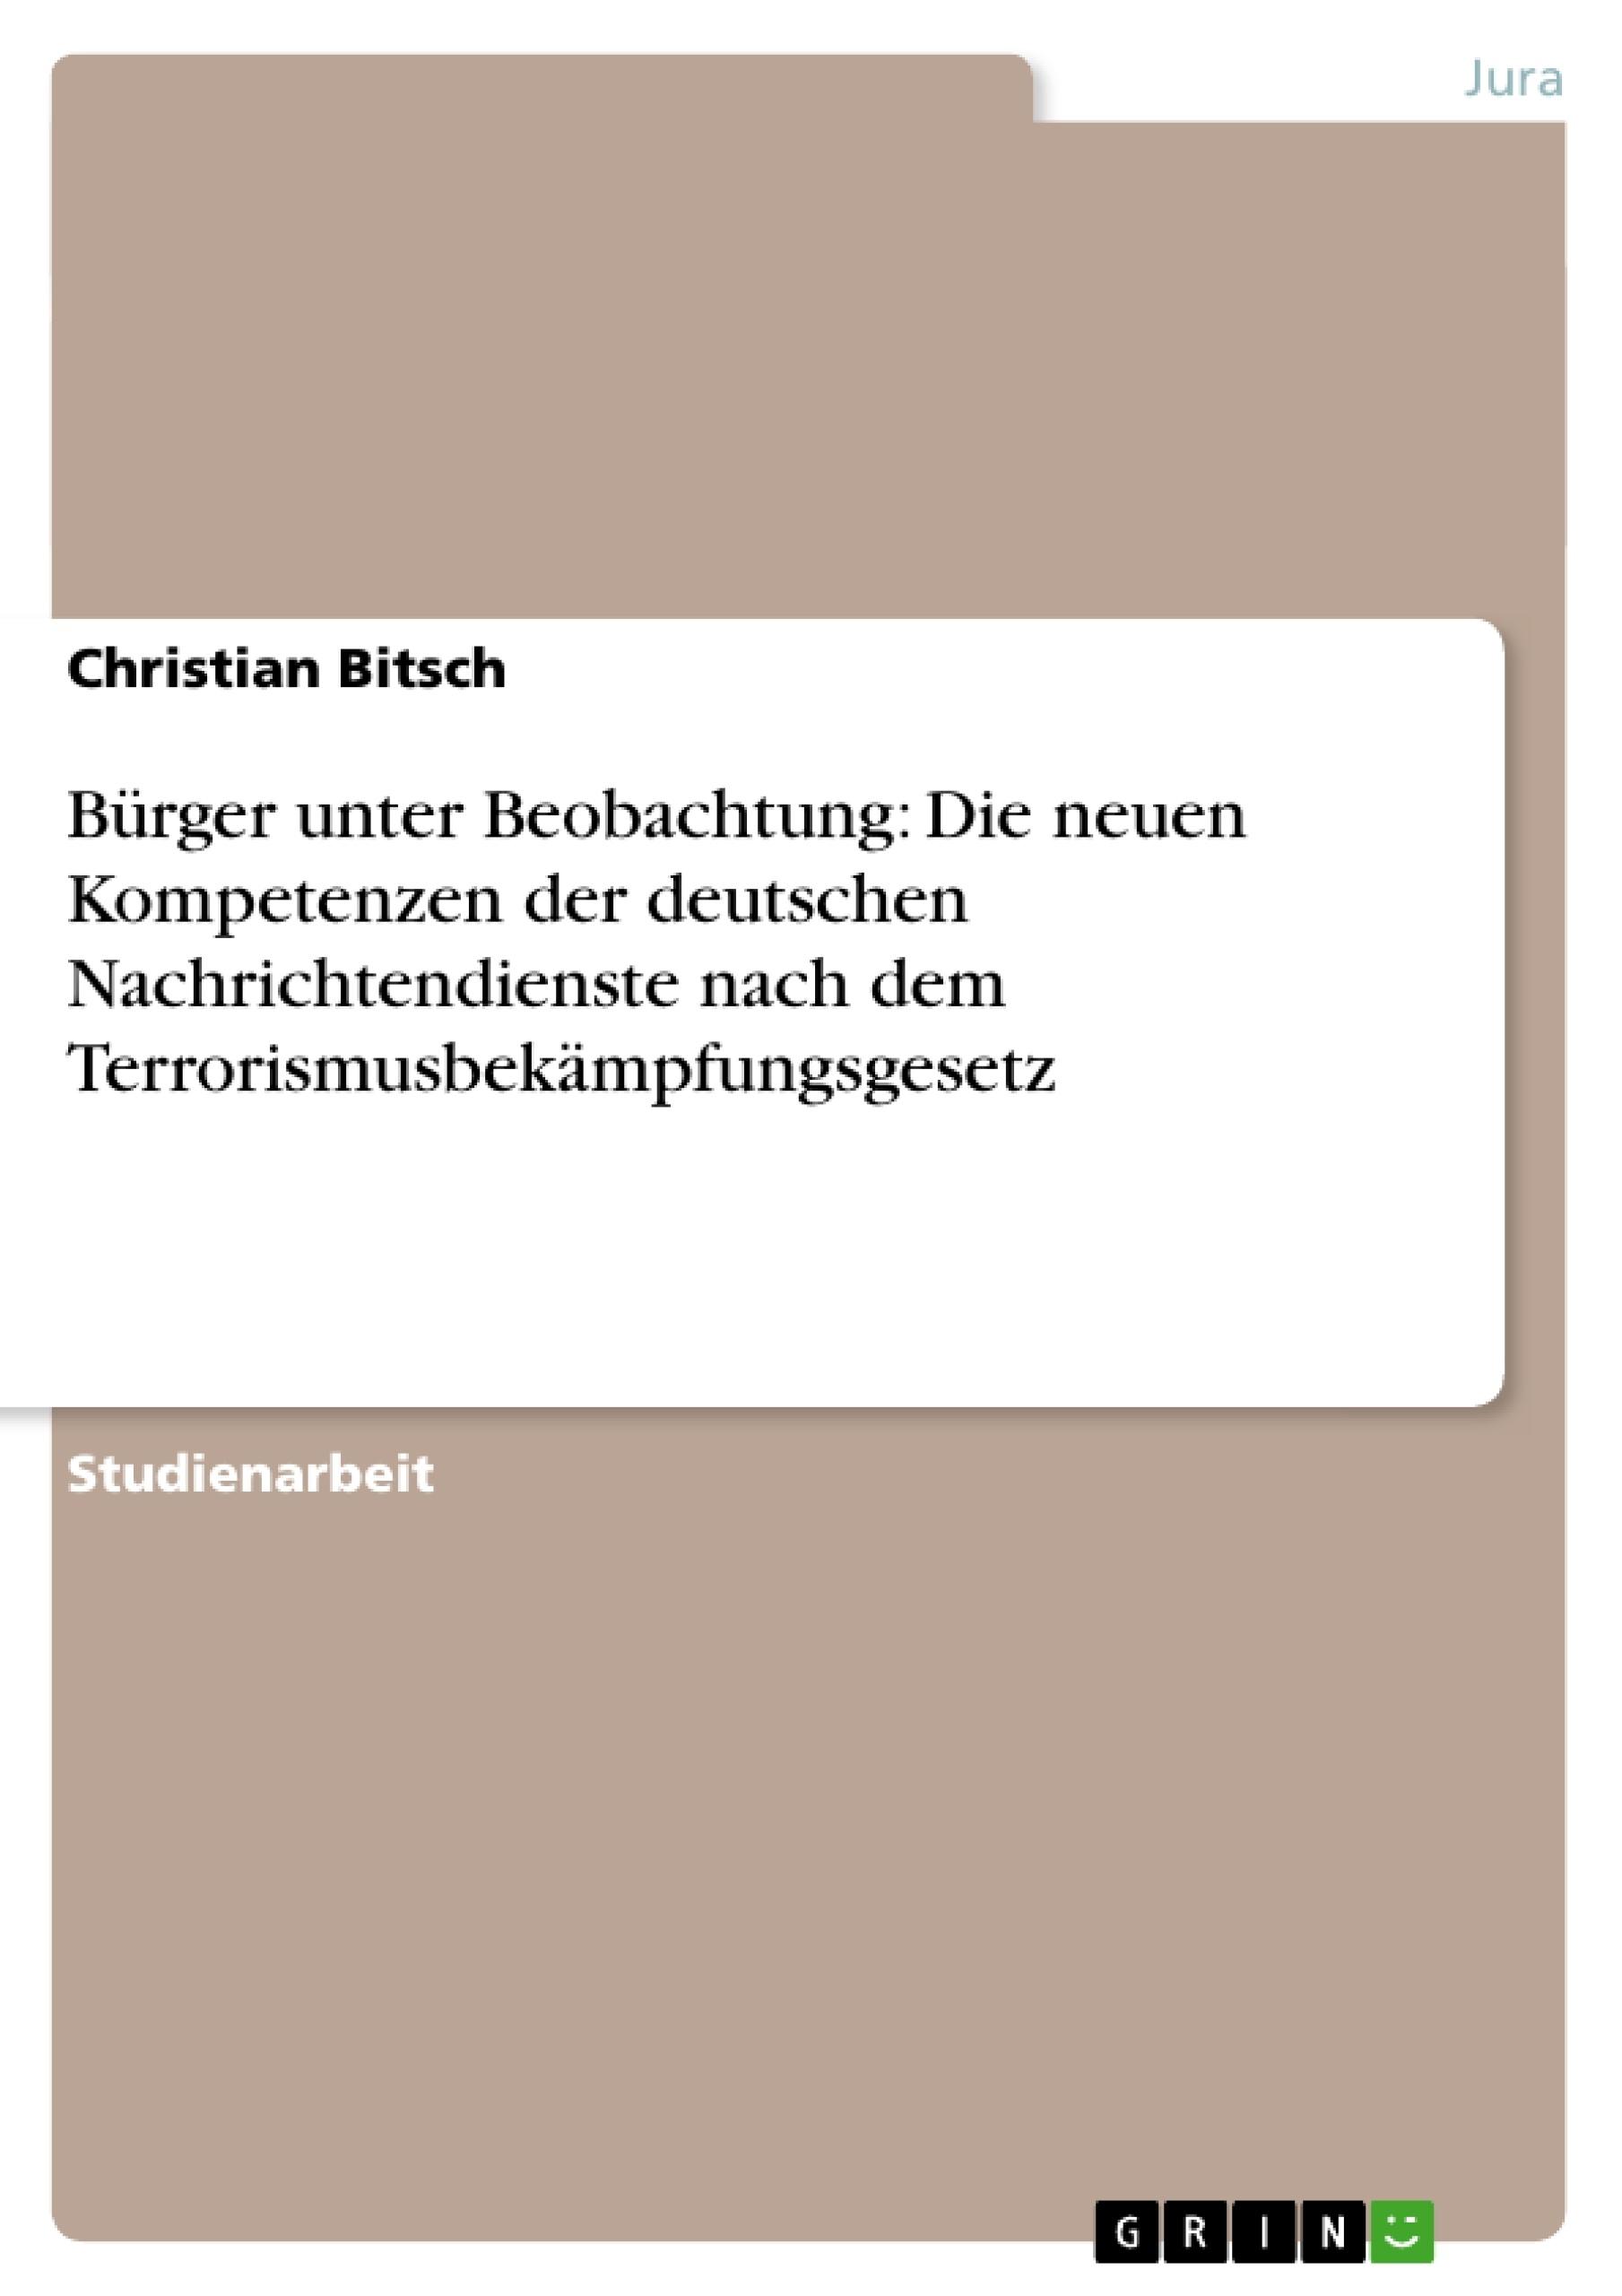 Titel: Bürger unter Beobachtung: Die neuen Kompetenzen der deutschen Nachrichtendienste nach dem Terrorismusbekämpfungsgesetz